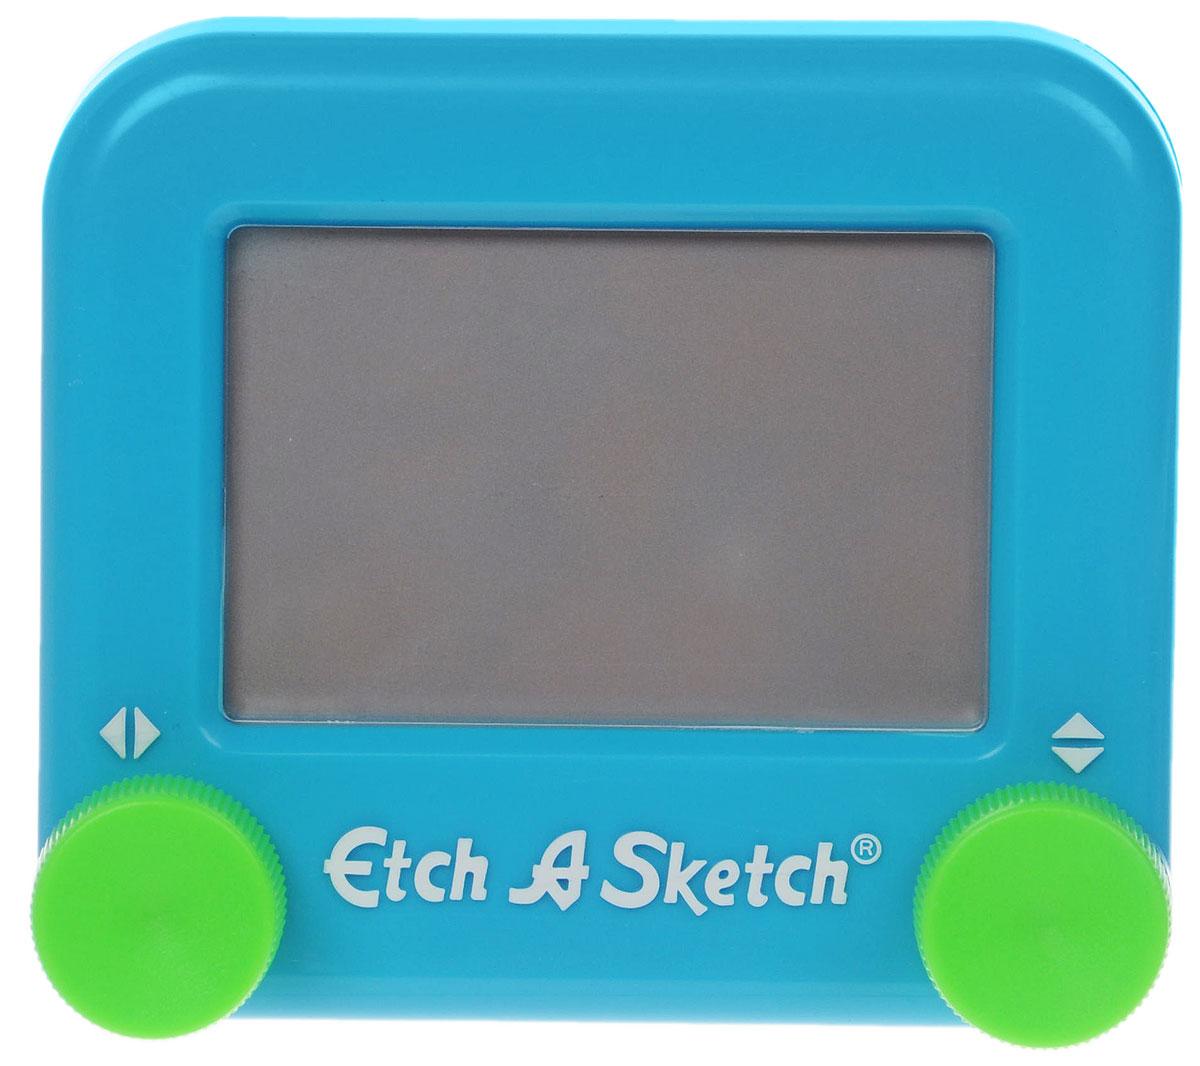 Etch-A-Sketch Волшебный экран цвет голубой516_голубойВолшебный экран Etch-A-Sketch, непременно понравится вашему ребенку и станет для него любимой игрушкой. Волшебный экран поможет вашему ребенку создавать рисунки одной линией, посредством вращения двух круглых ручек, расположенных в нижних углах (одна из них перемещает указатель по вертикали, а другая по горизонтали). Самым сложным считается рисовать круглые объекты, волнистые линии и плавные изгибы. Внутри экрана находится специальный порошок, который счищает тонкий указатель с внутренней поверхности экрана, оставляя за собой темную линию. Для того чтобы стереть свой рисунок, достаточно просто перевернуть экран вниз и потрясти, и он снова станет серым, при этом указатель начнет чертить ровно из той точки, где закончился предыдущий рисунок. Компактный размер экрана позволяет брать его с собой в дорогу. Активно развивает связь между правым и левым полушариями мозга!